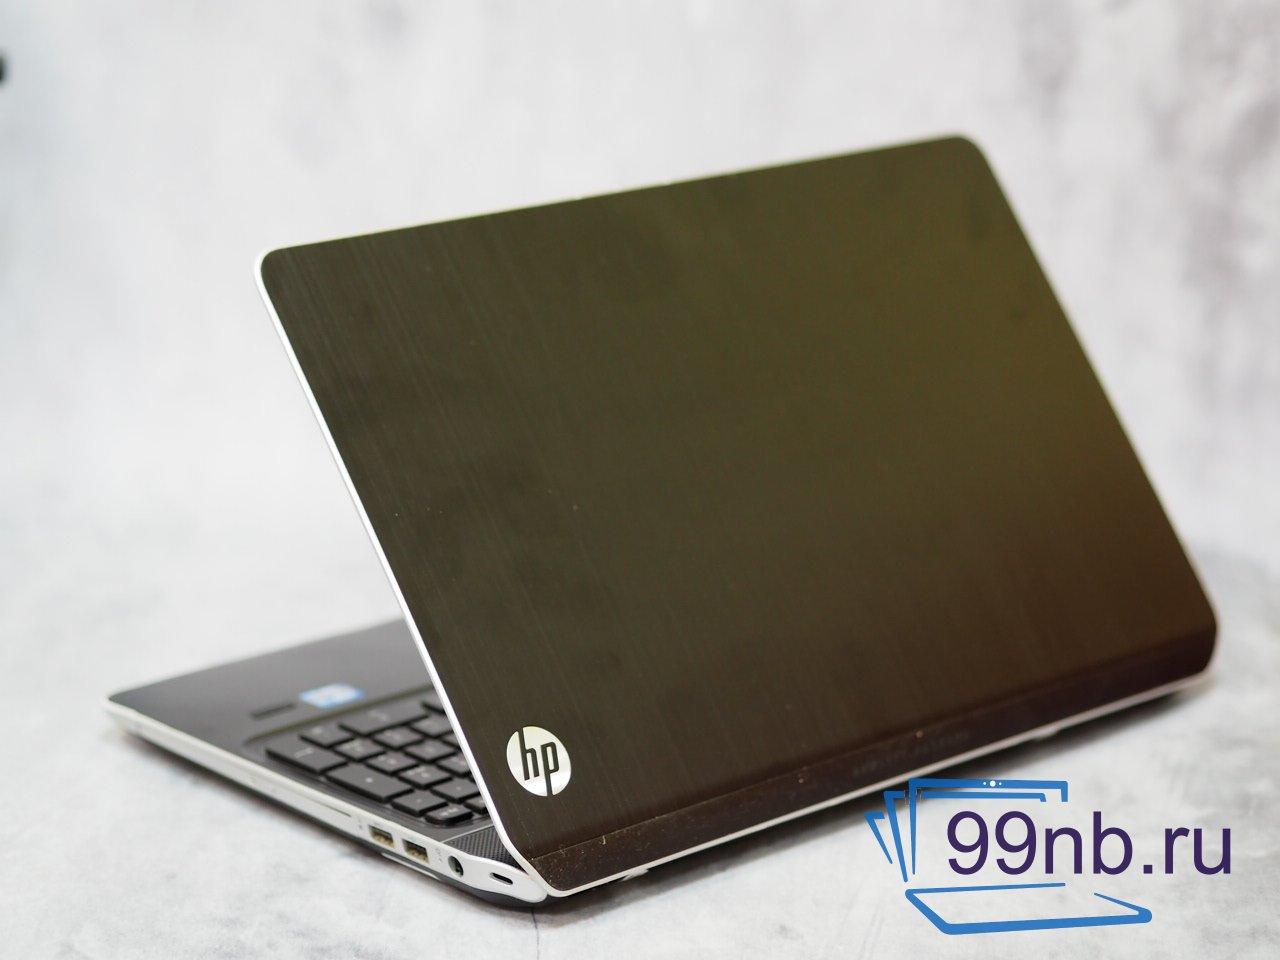 HP для семейного пользования